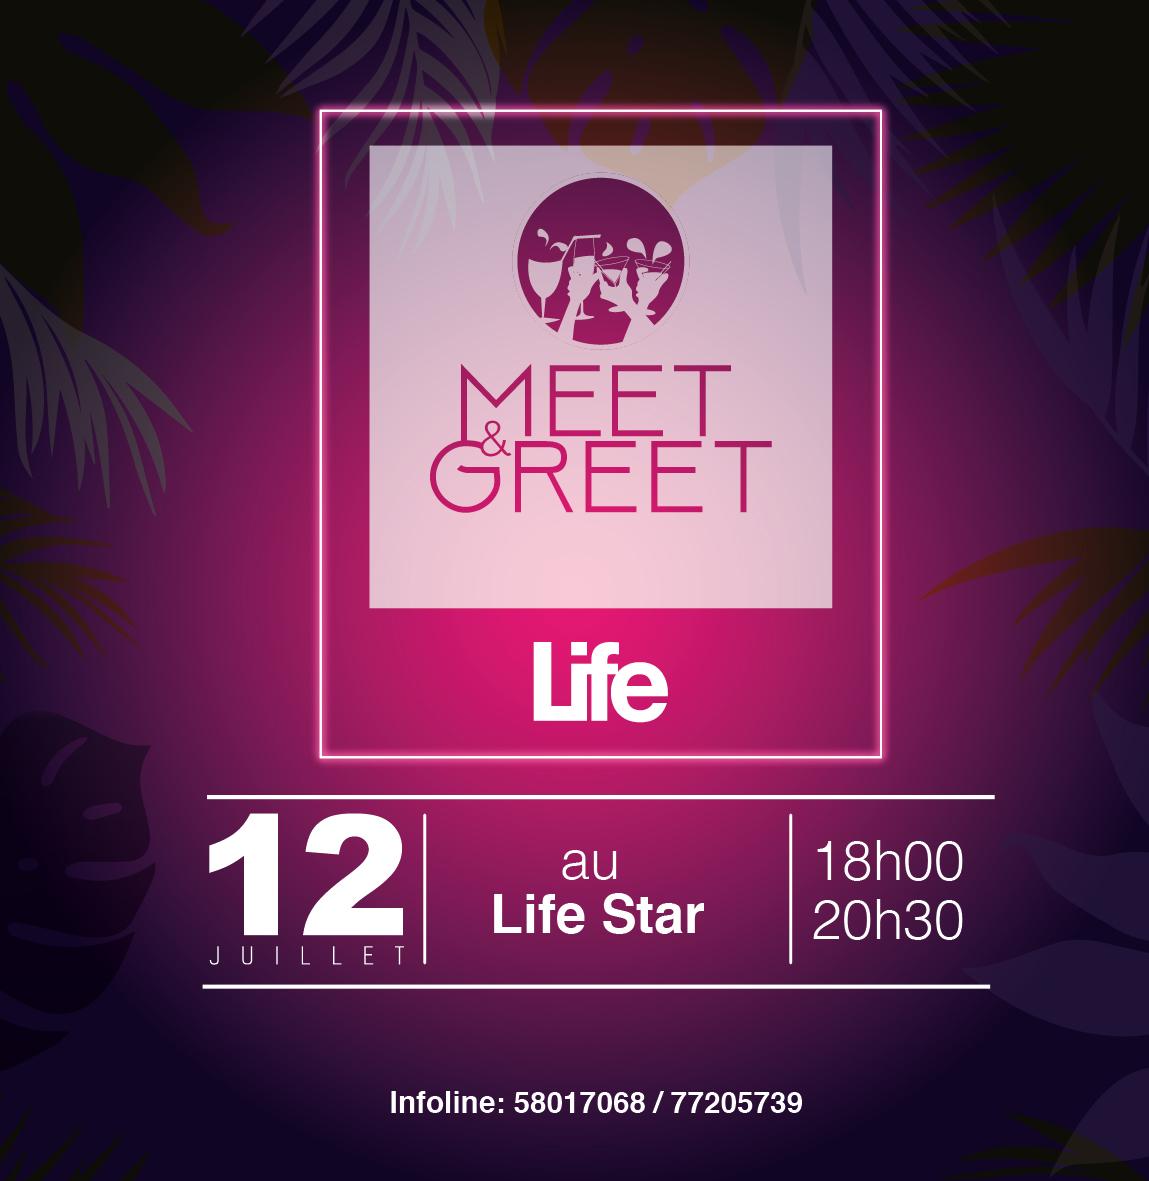 Life #142 meet & greet -01